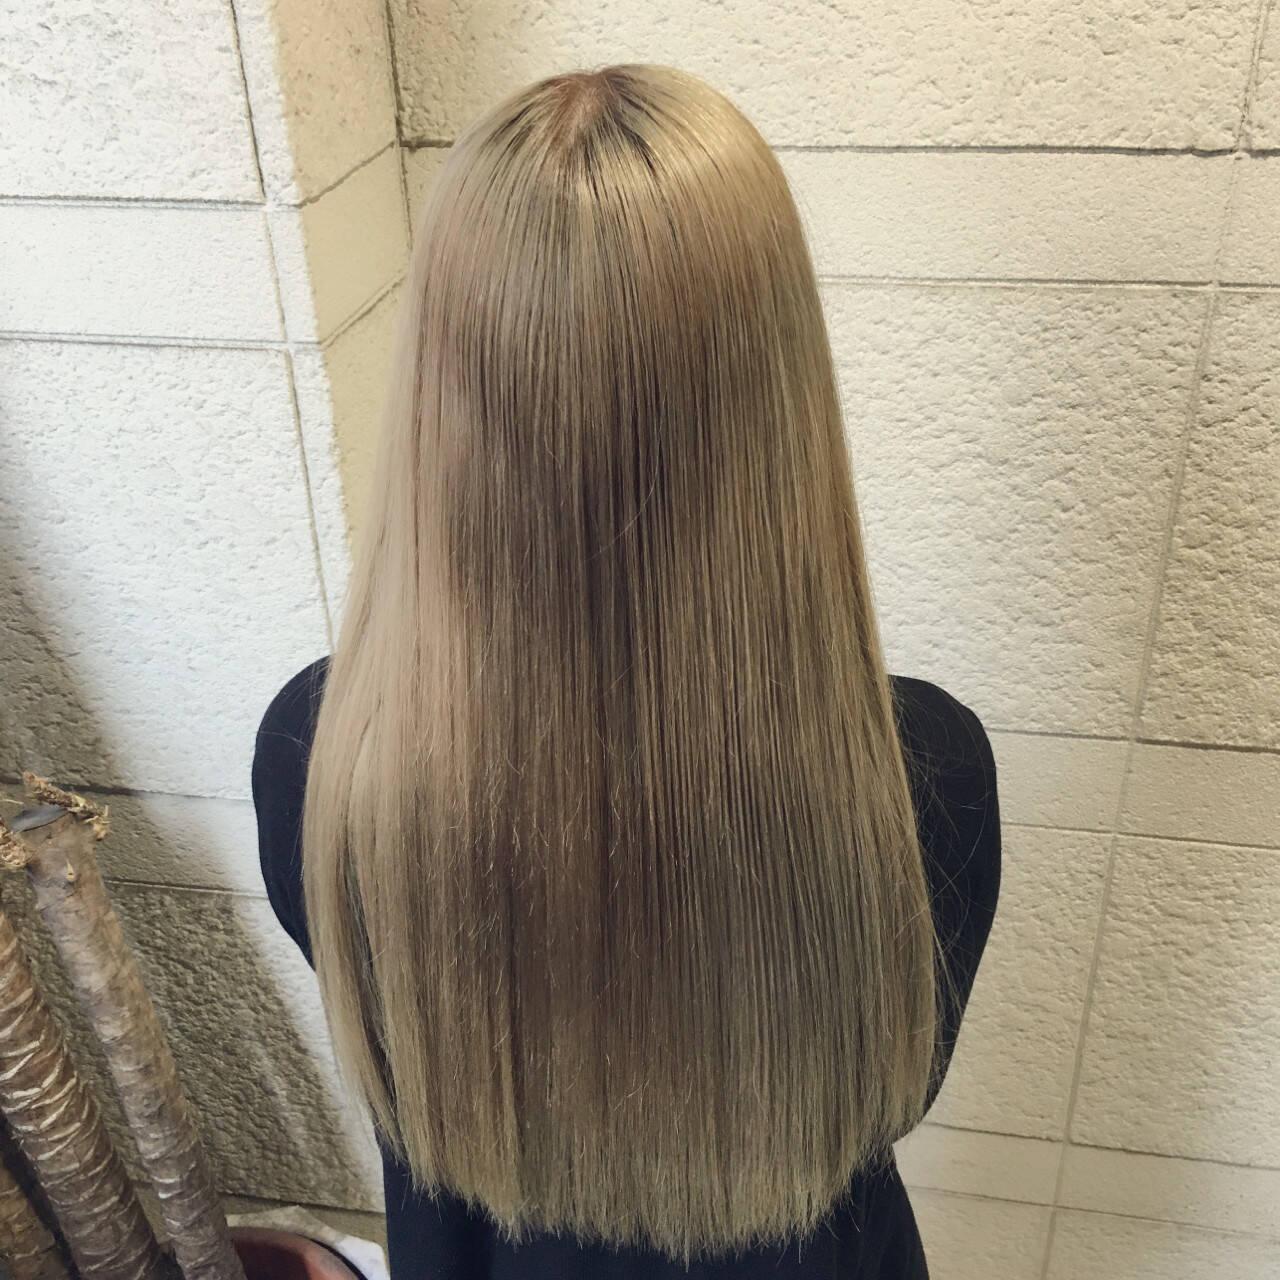 ナチュラル マット ハイトーン アッシュヘアスタイルや髪型の写真・画像